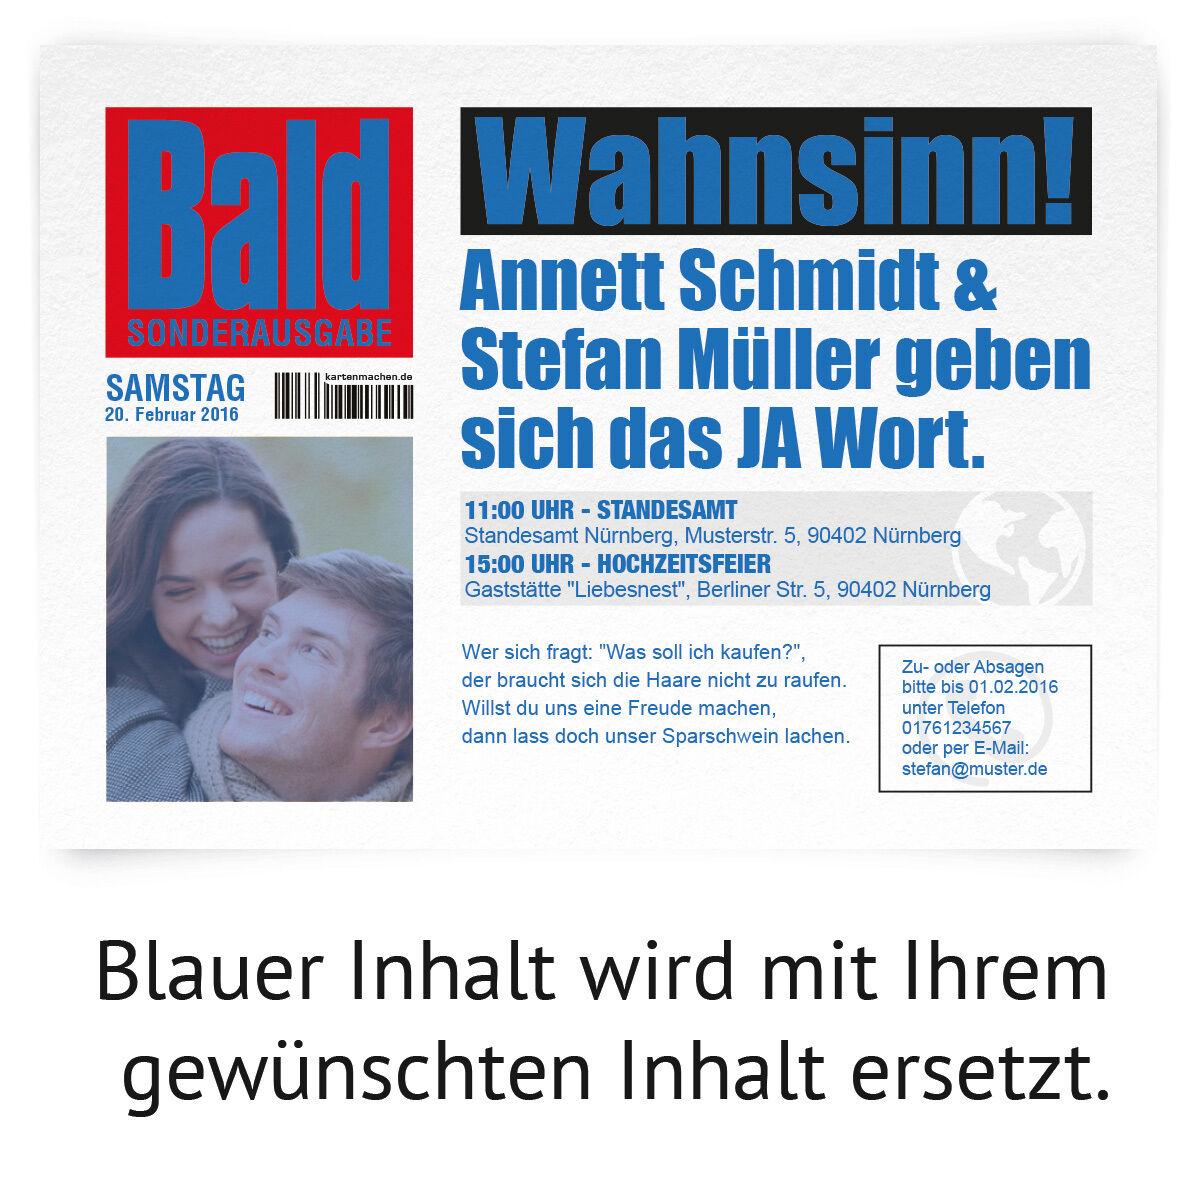 Einladungskarten zur Hochzeit als Zeitung Presse Meldung Magazin News News News Journal   | Neues Design  | Ausgezeichnetes Preis  be90fc